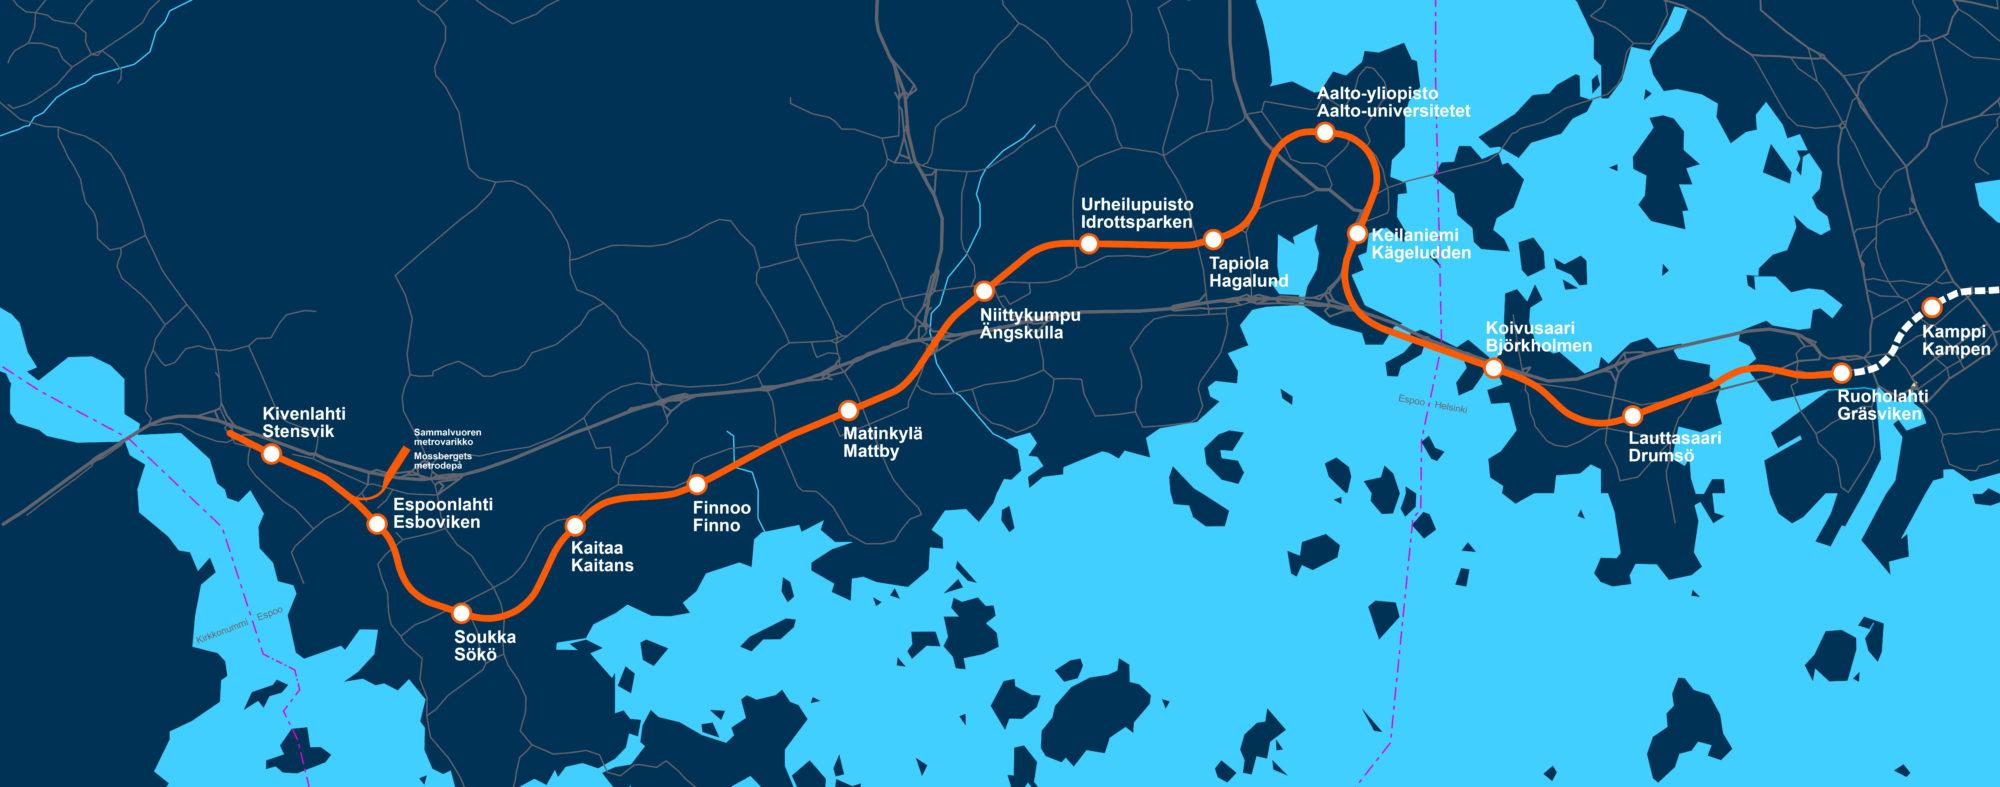 Länsimetron metrokartta. Asemat lännestä itään ovat Kivenlahtu, Espoonlahti, Soukka, Kaitaa, Finnoo, Matinkylä, Niittykumpu, Urheilupuisto, Tapiola, Aalto-yliopisto, Keilaniemi, Koivusaari ja Lauttasaari.